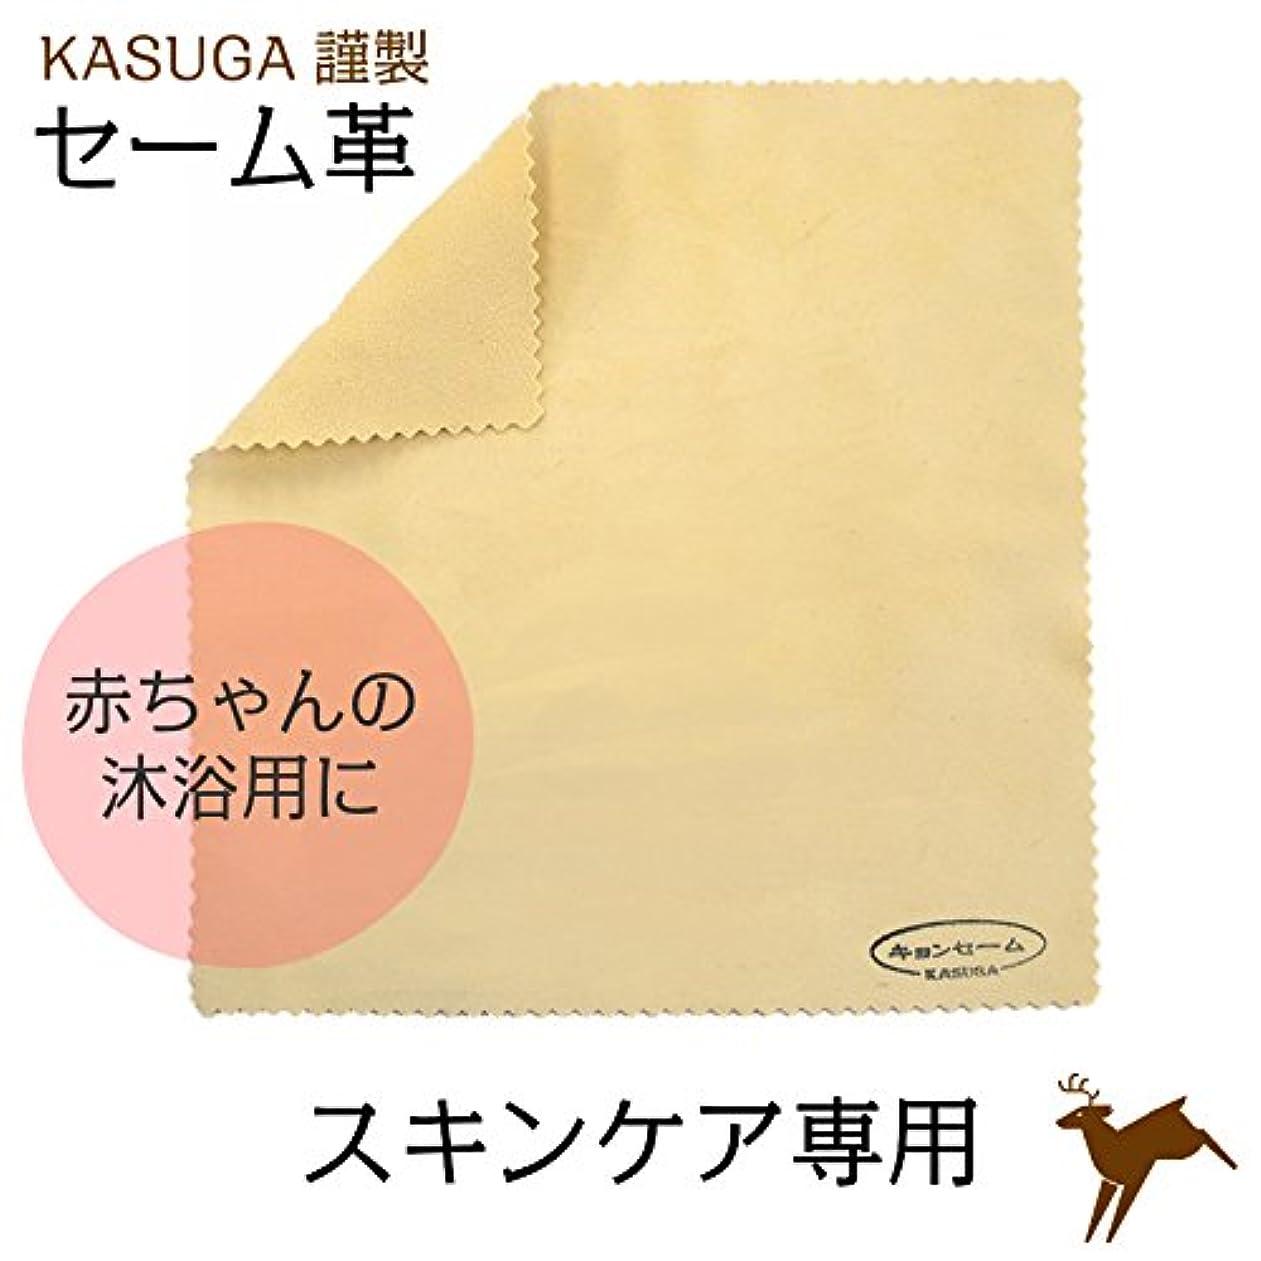 肩をすくめるブレス生態学春日カスガ謹製 スキンケア専用キョンセーム革 20cm×20cm